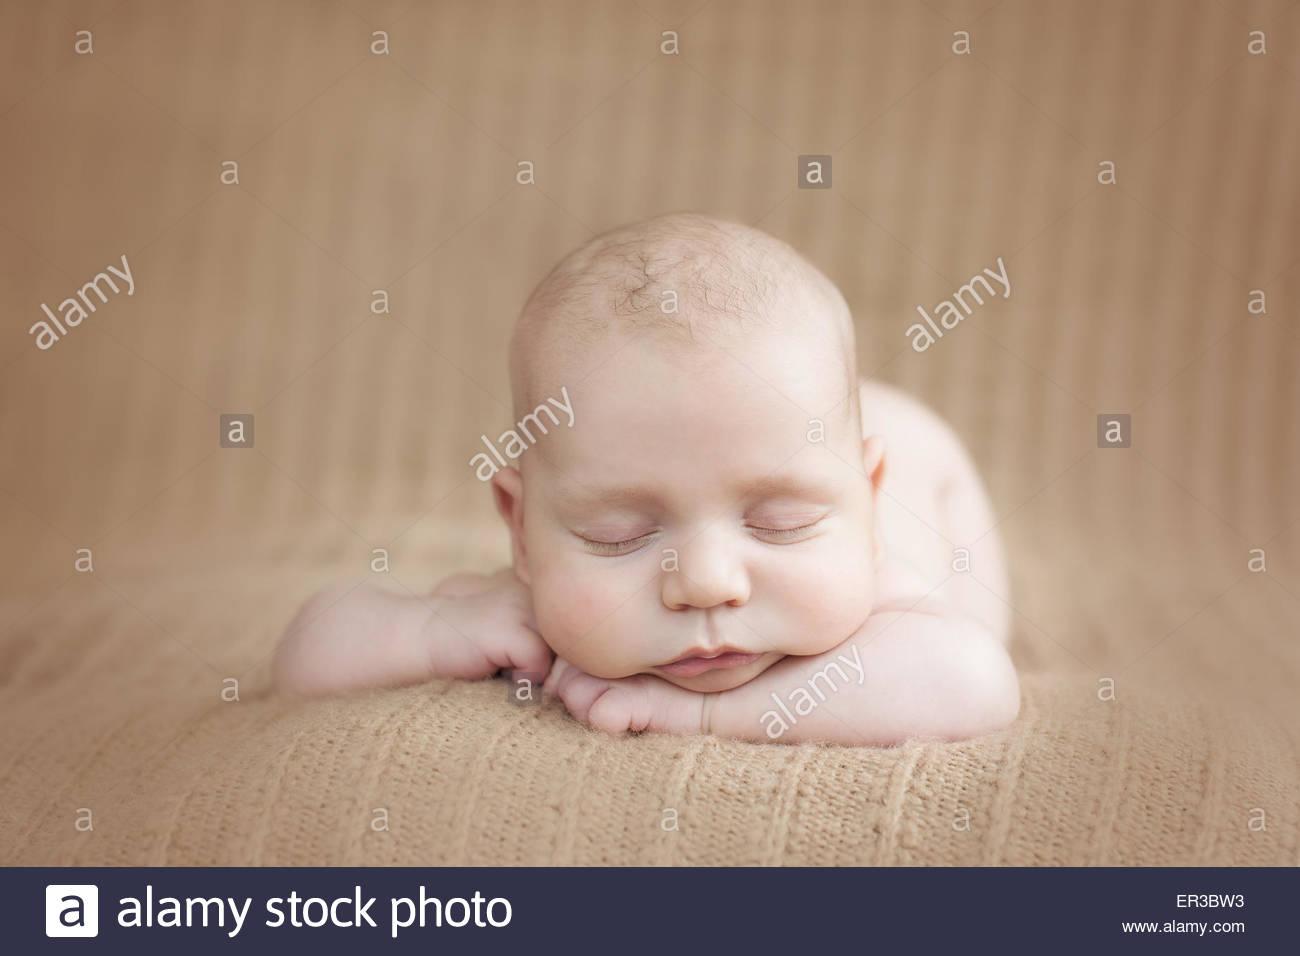 Vista frontale di un bambino dorme su una coperta morbida Immagini Stock